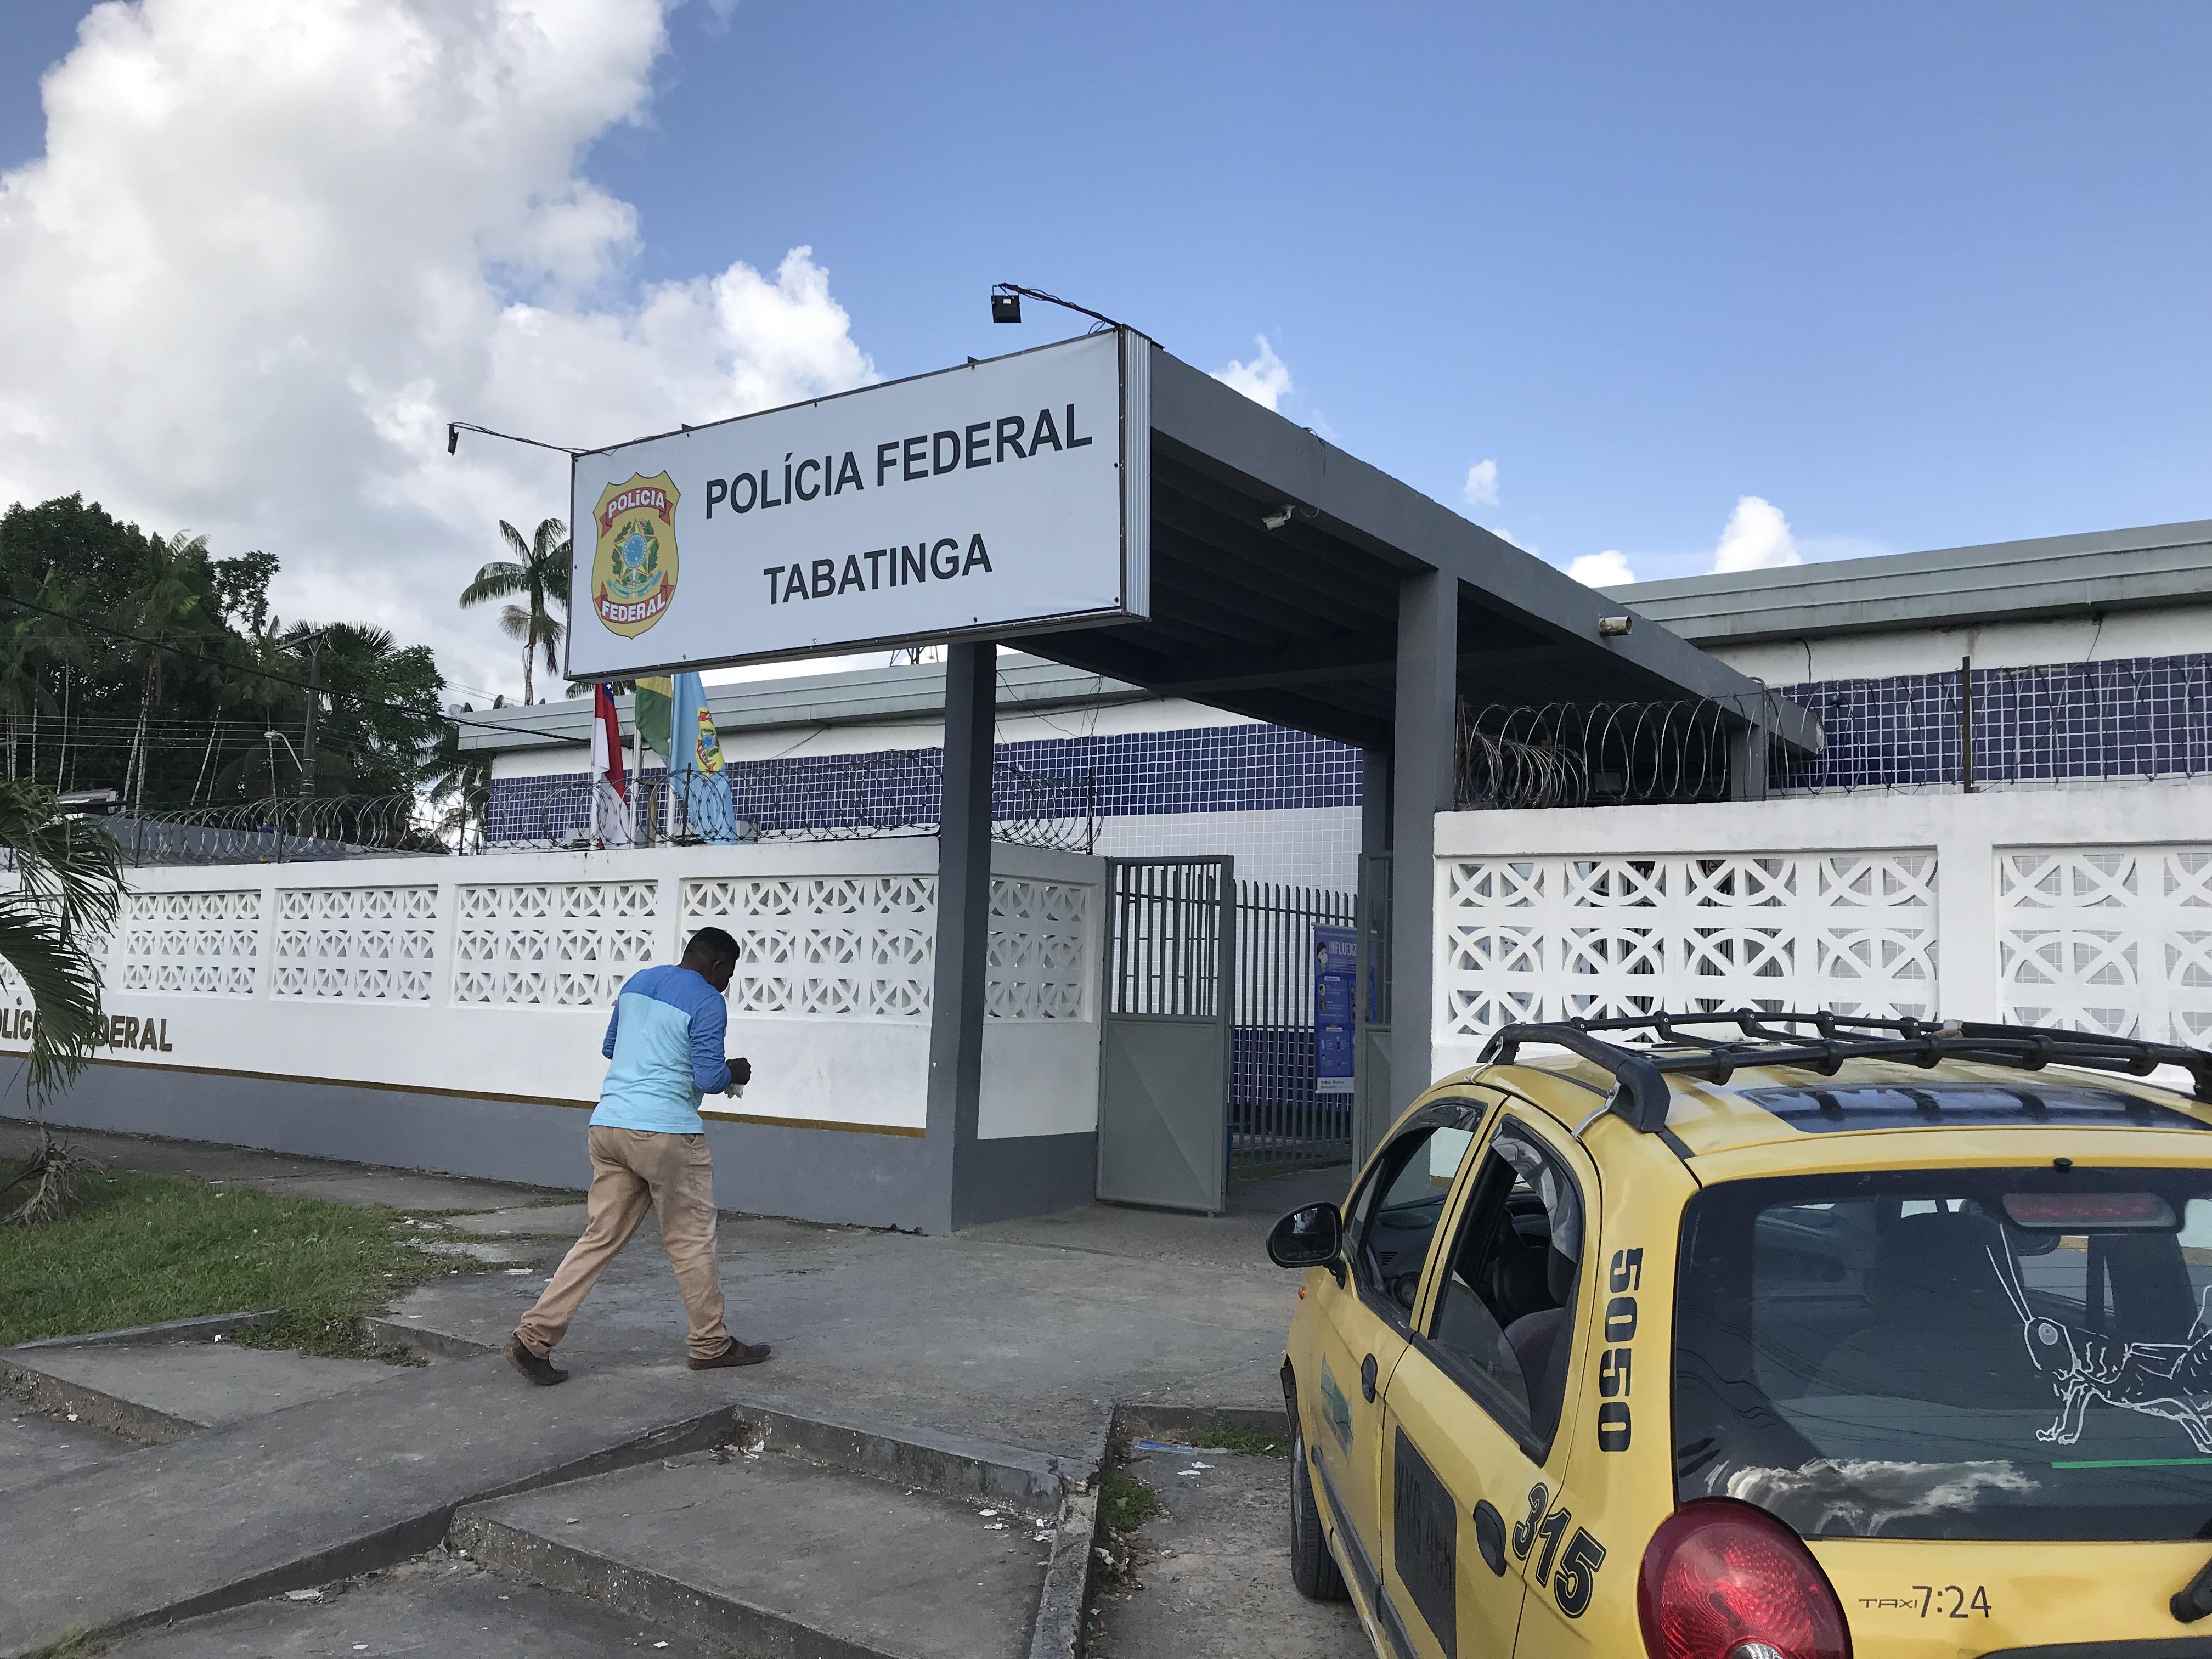 タバチンガ Tabatinga